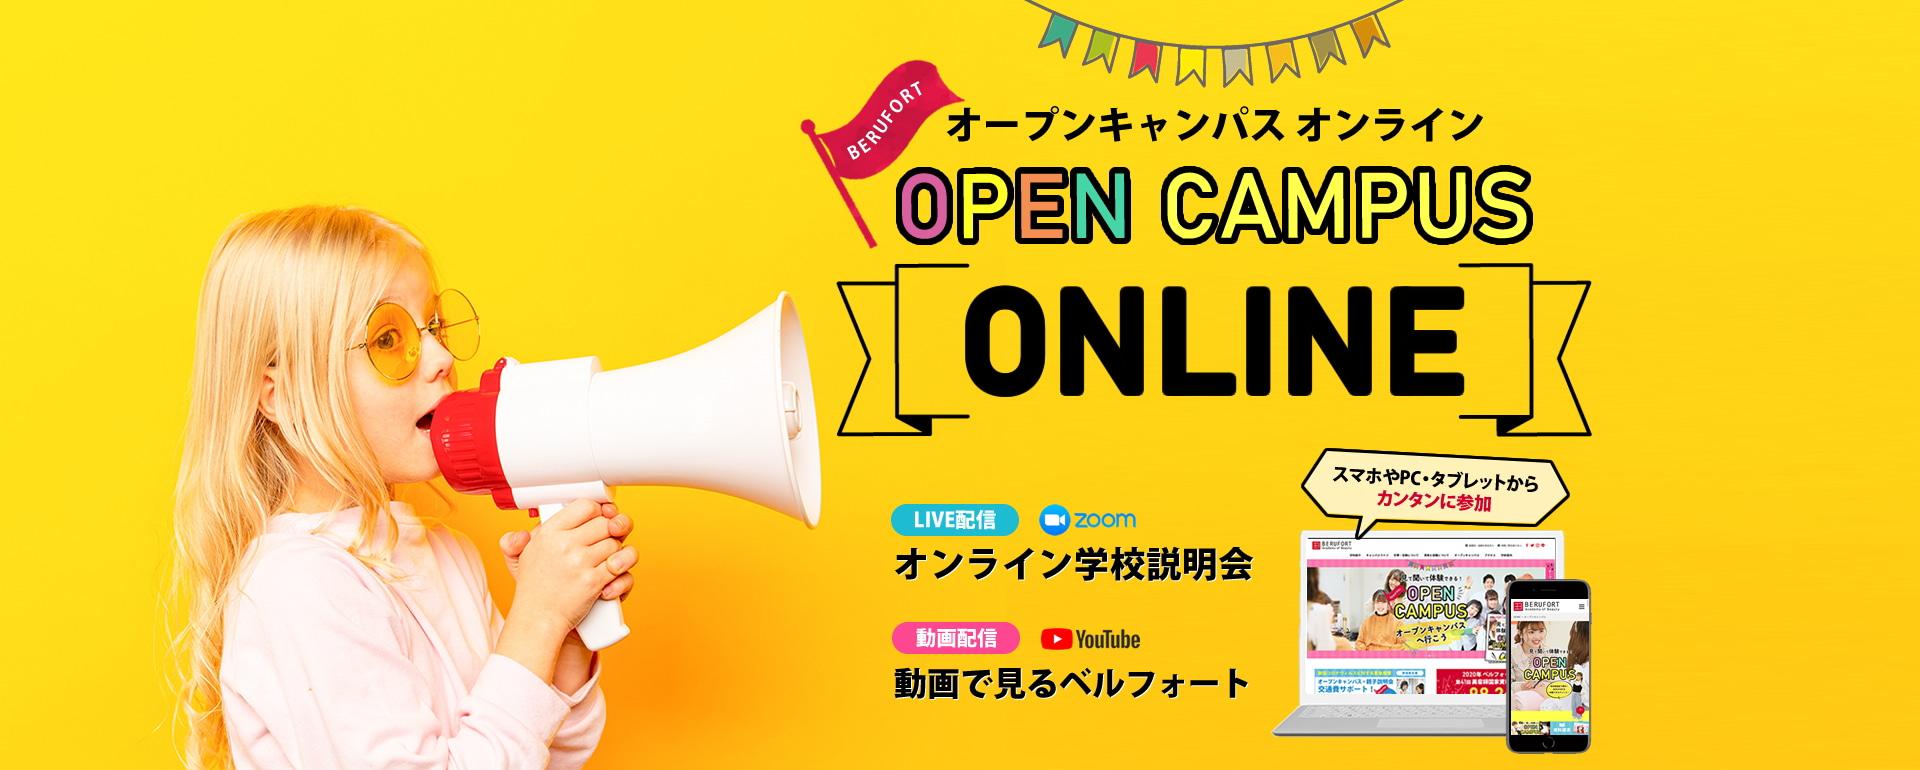 ベルフォートのオープンキャンパスオンライン・個別相談会